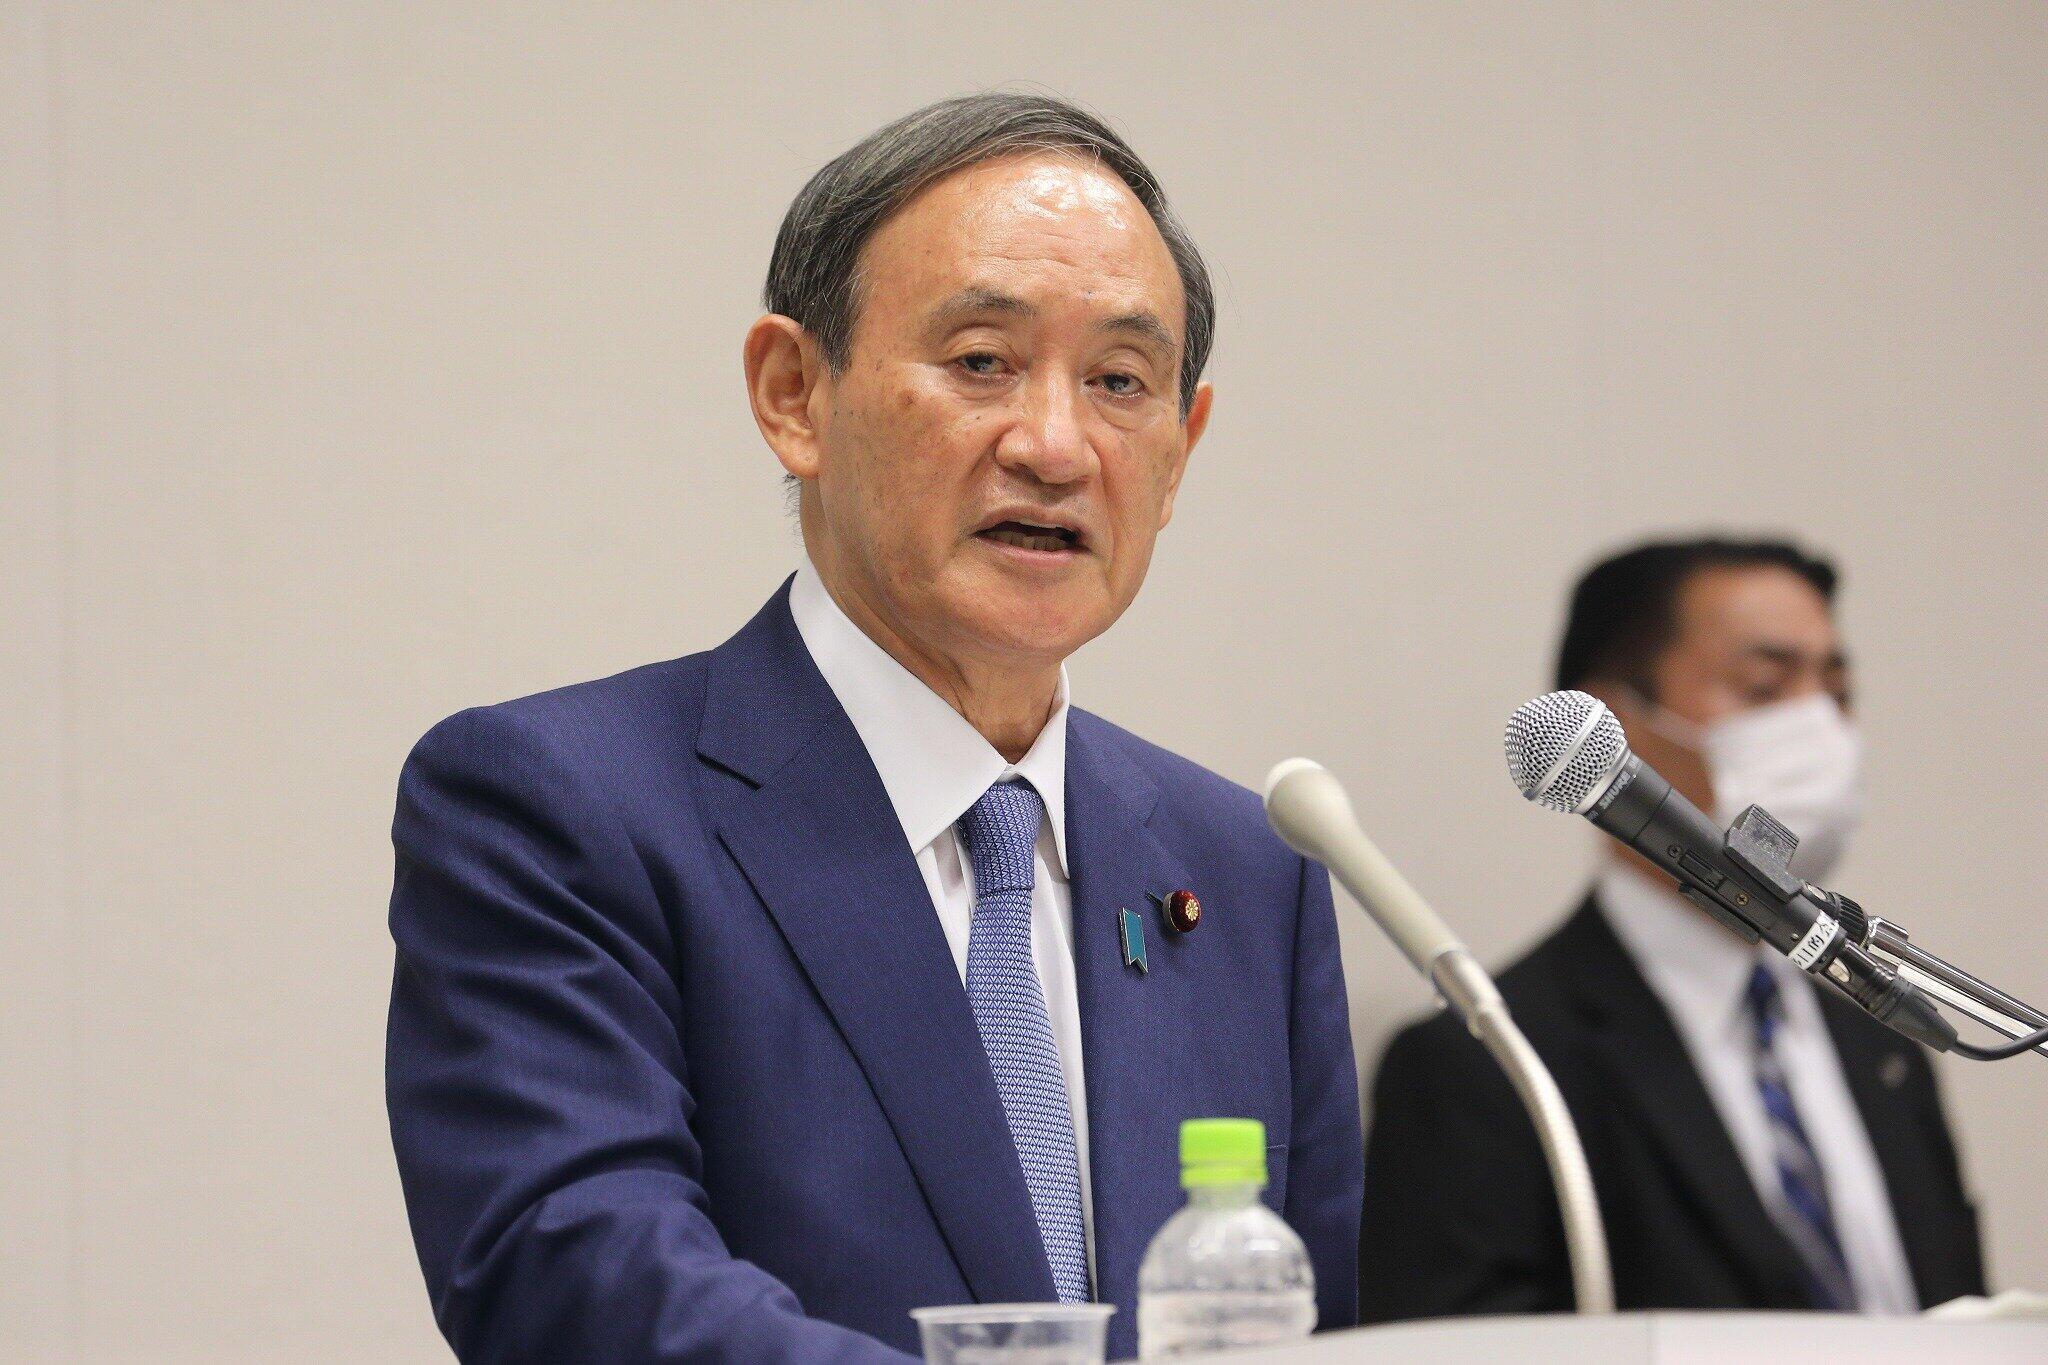 菅義偉首相は森会長に鈴をつけられるか?